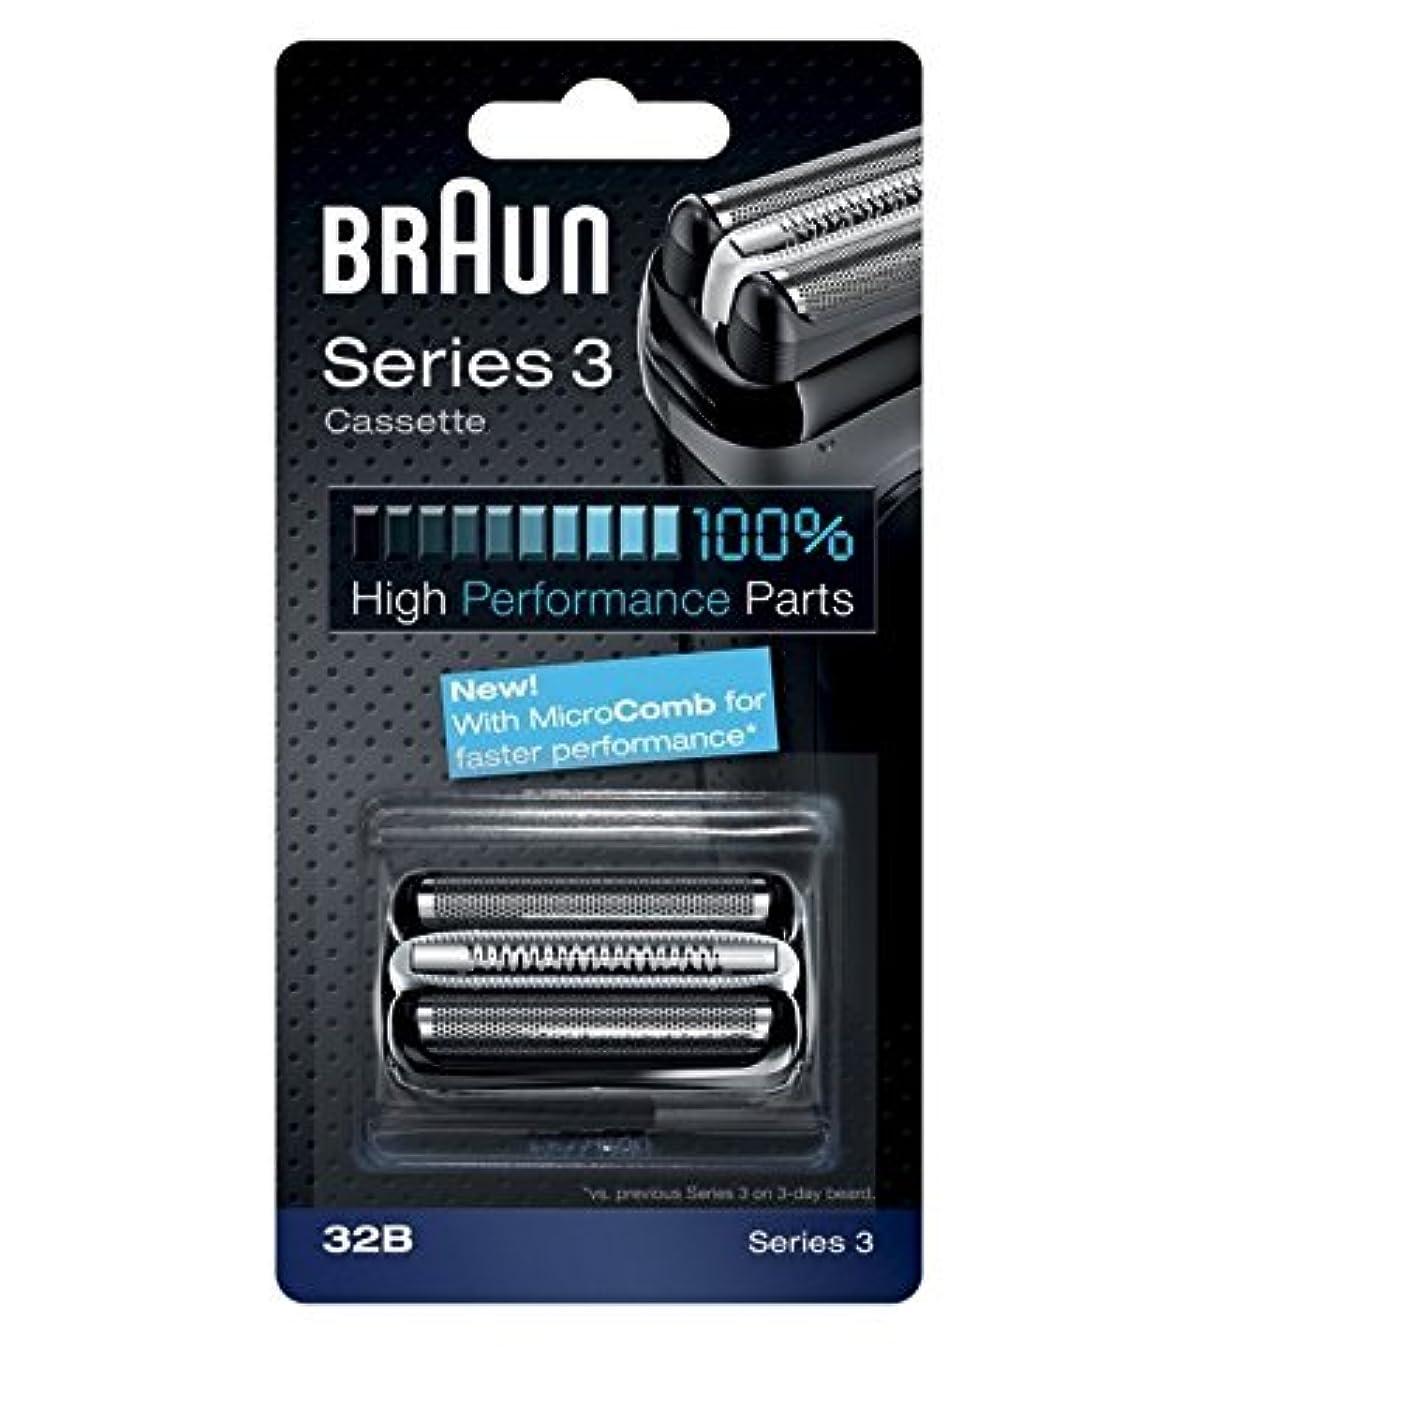 牧師区別恐怖Braun razor Replacement Foil & Cutter Cassette 32B Series 3 320 330 340 350CC black shaving heads [並行輸入品]